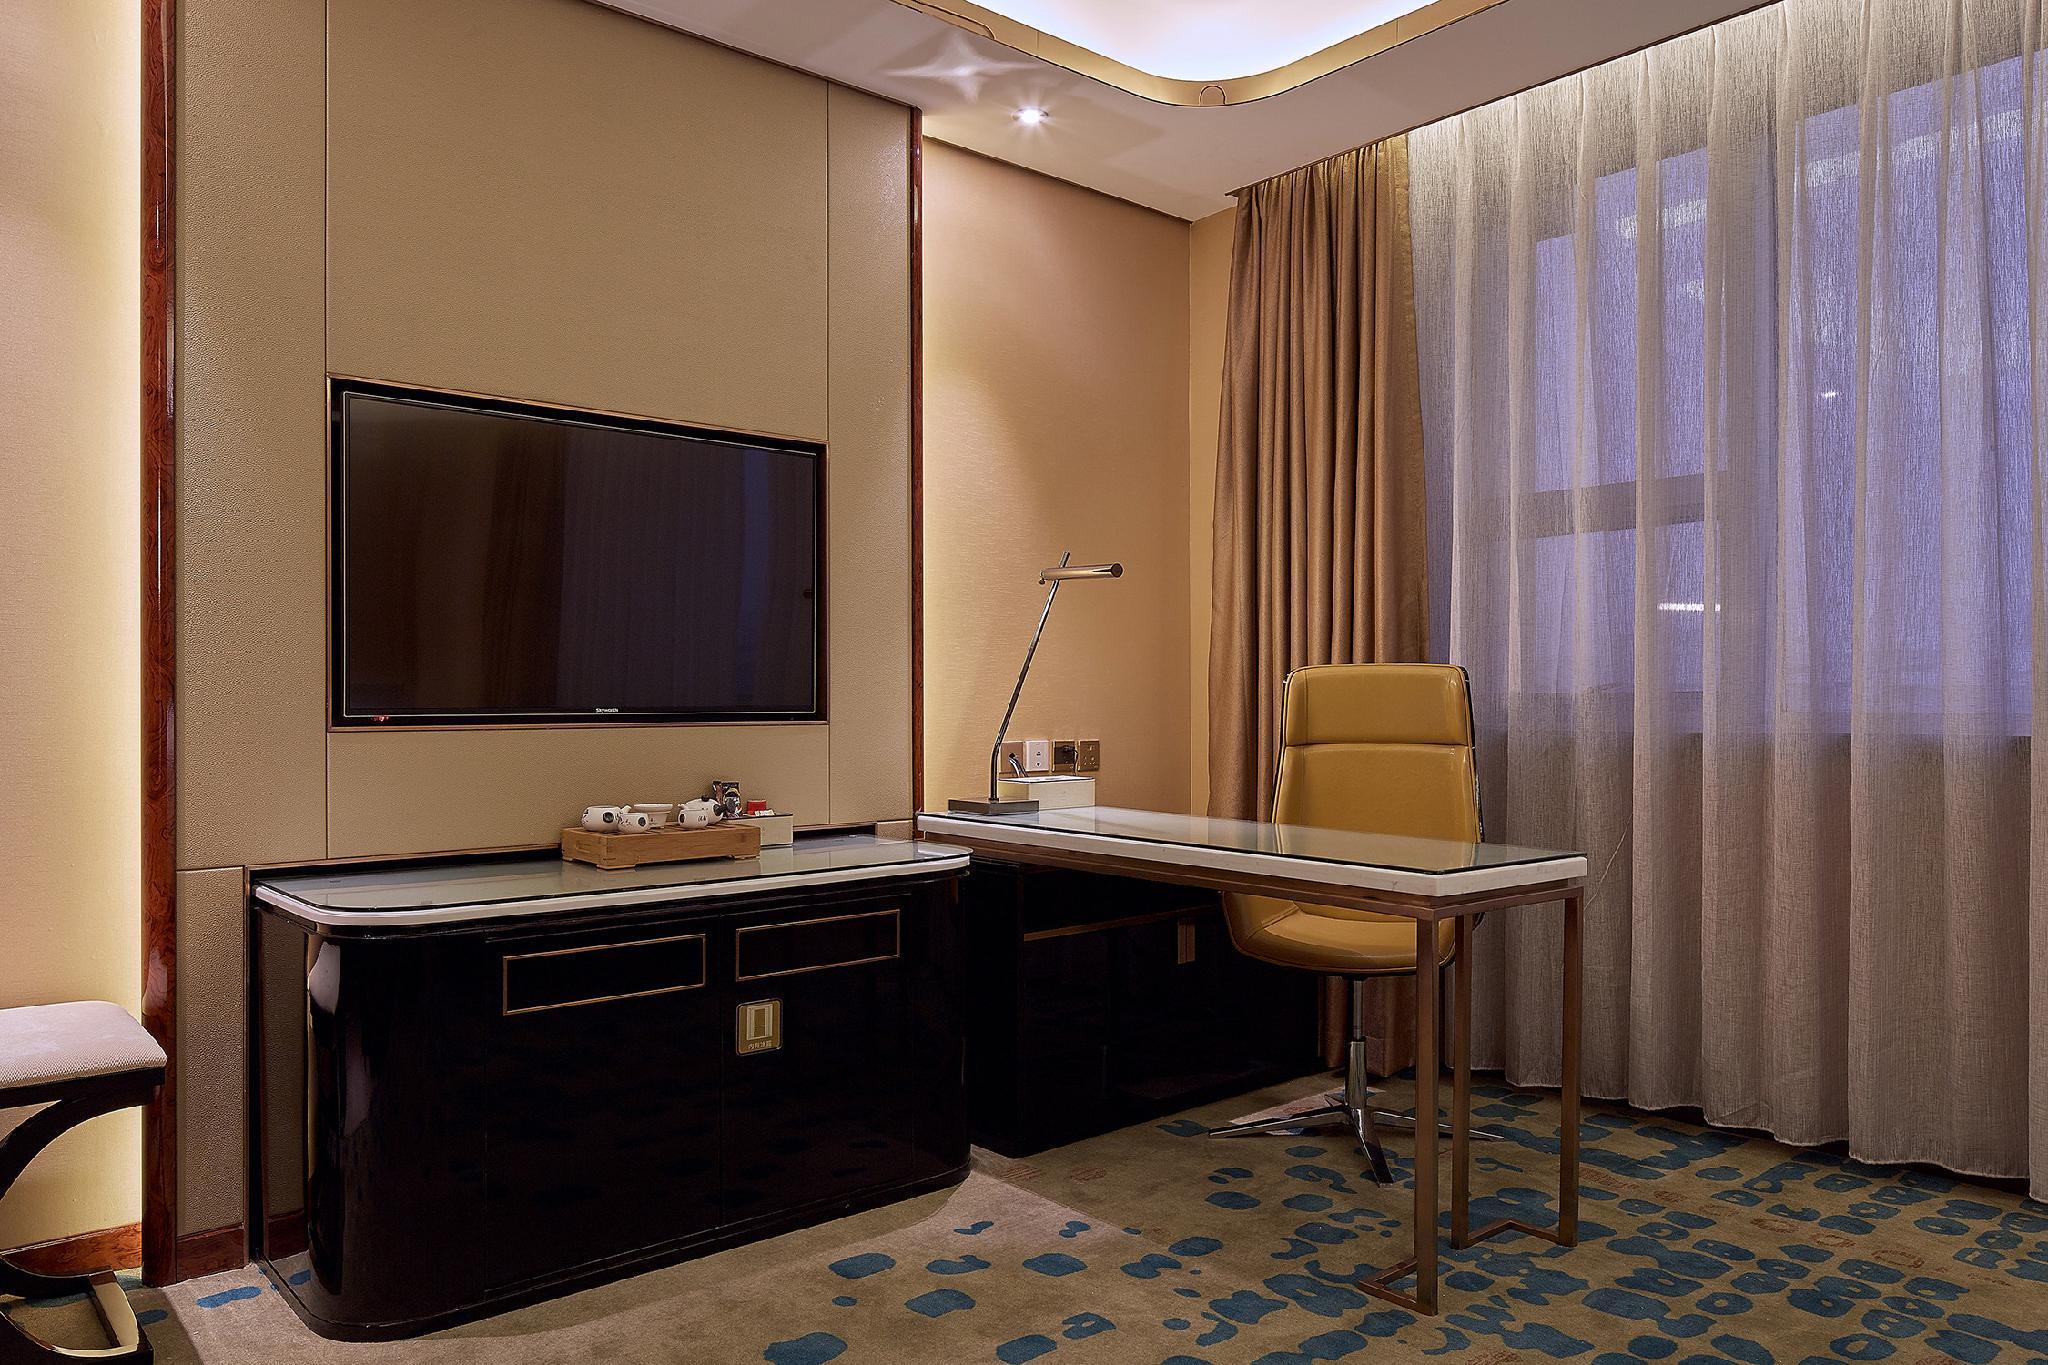 北京 北京金地來大酒店 (Bei Jing Jin Di Lai Hotel) | Agoda推介住宿